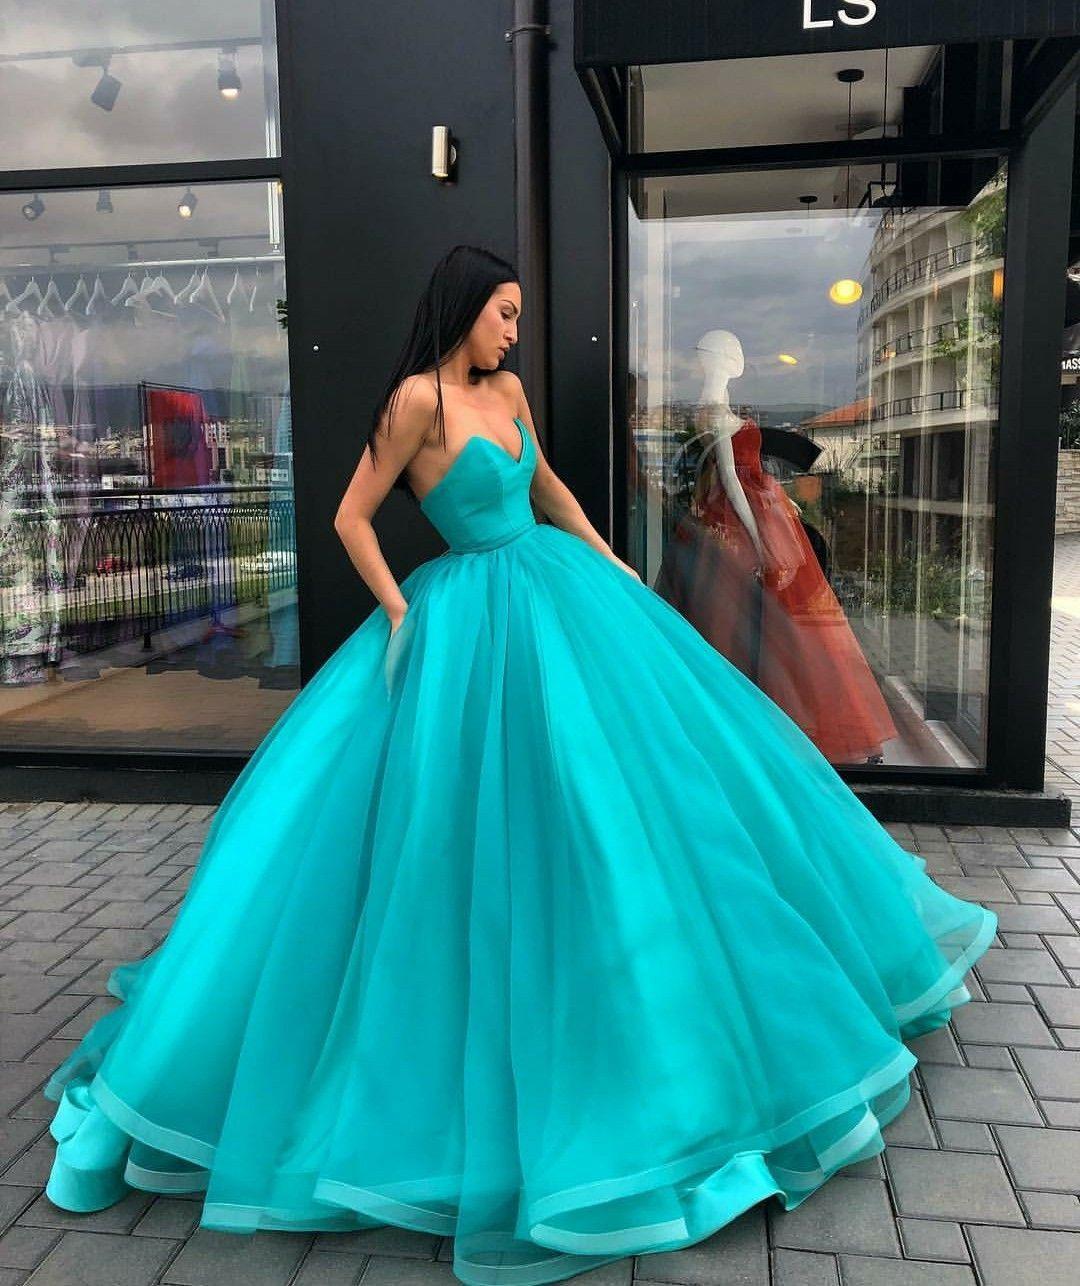 10 Fantastisch Abendkleid Extravagant Bester PreisDesigner Ausgezeichnet Abendkleid Extravagant Design